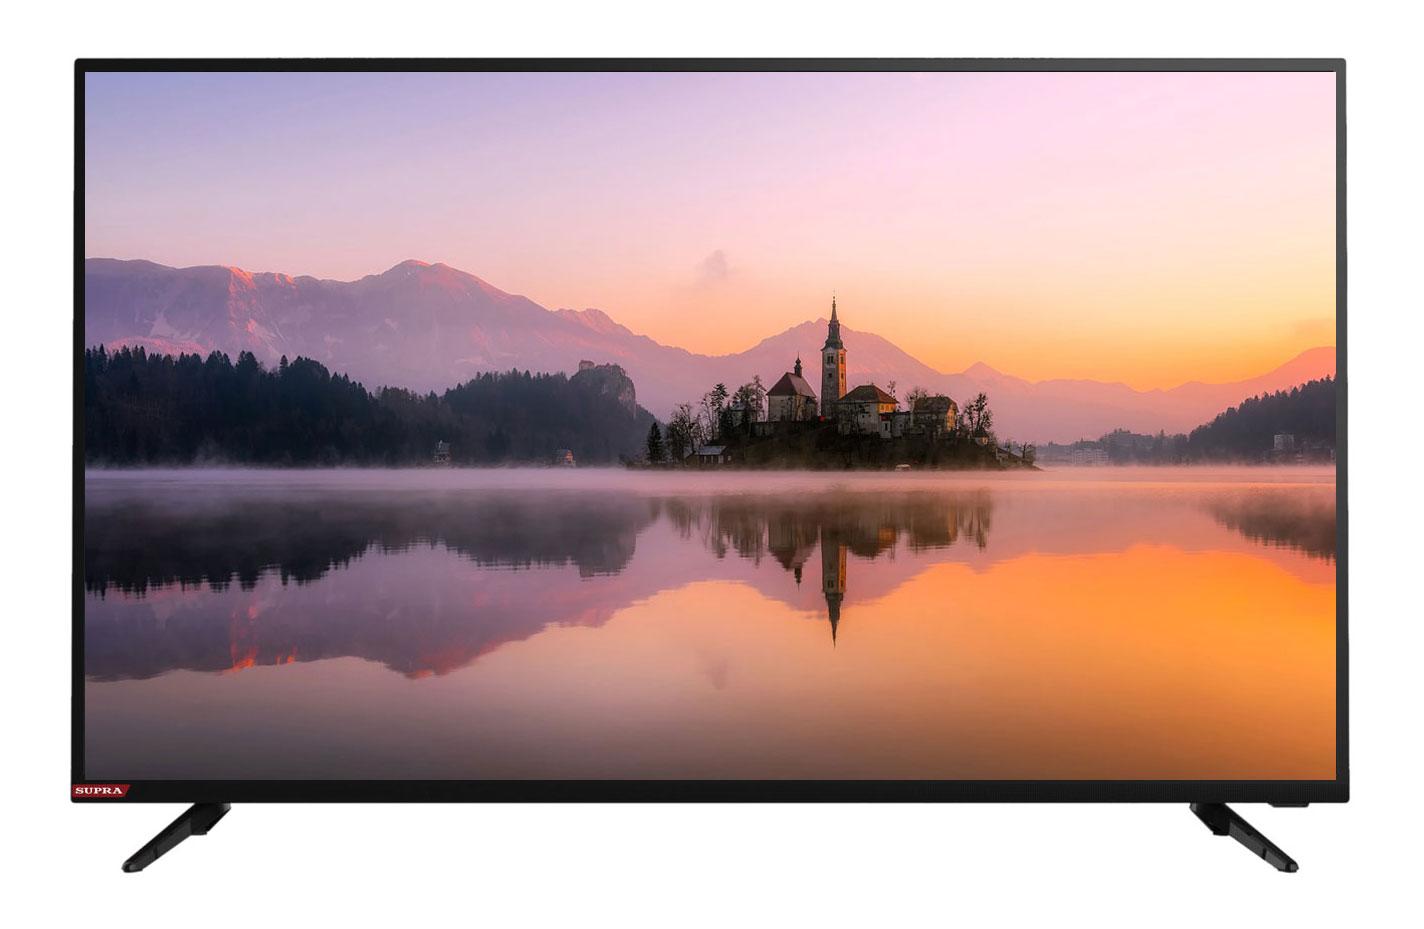 Телевизор Supra STV-LC32LT0020W LED 32 Black, 16:9, 1366x768, 100000:1, 260 кд/м2, USB, VGA, 3xHDMI, AV, DVB-T2, C жк телевизор supra 32